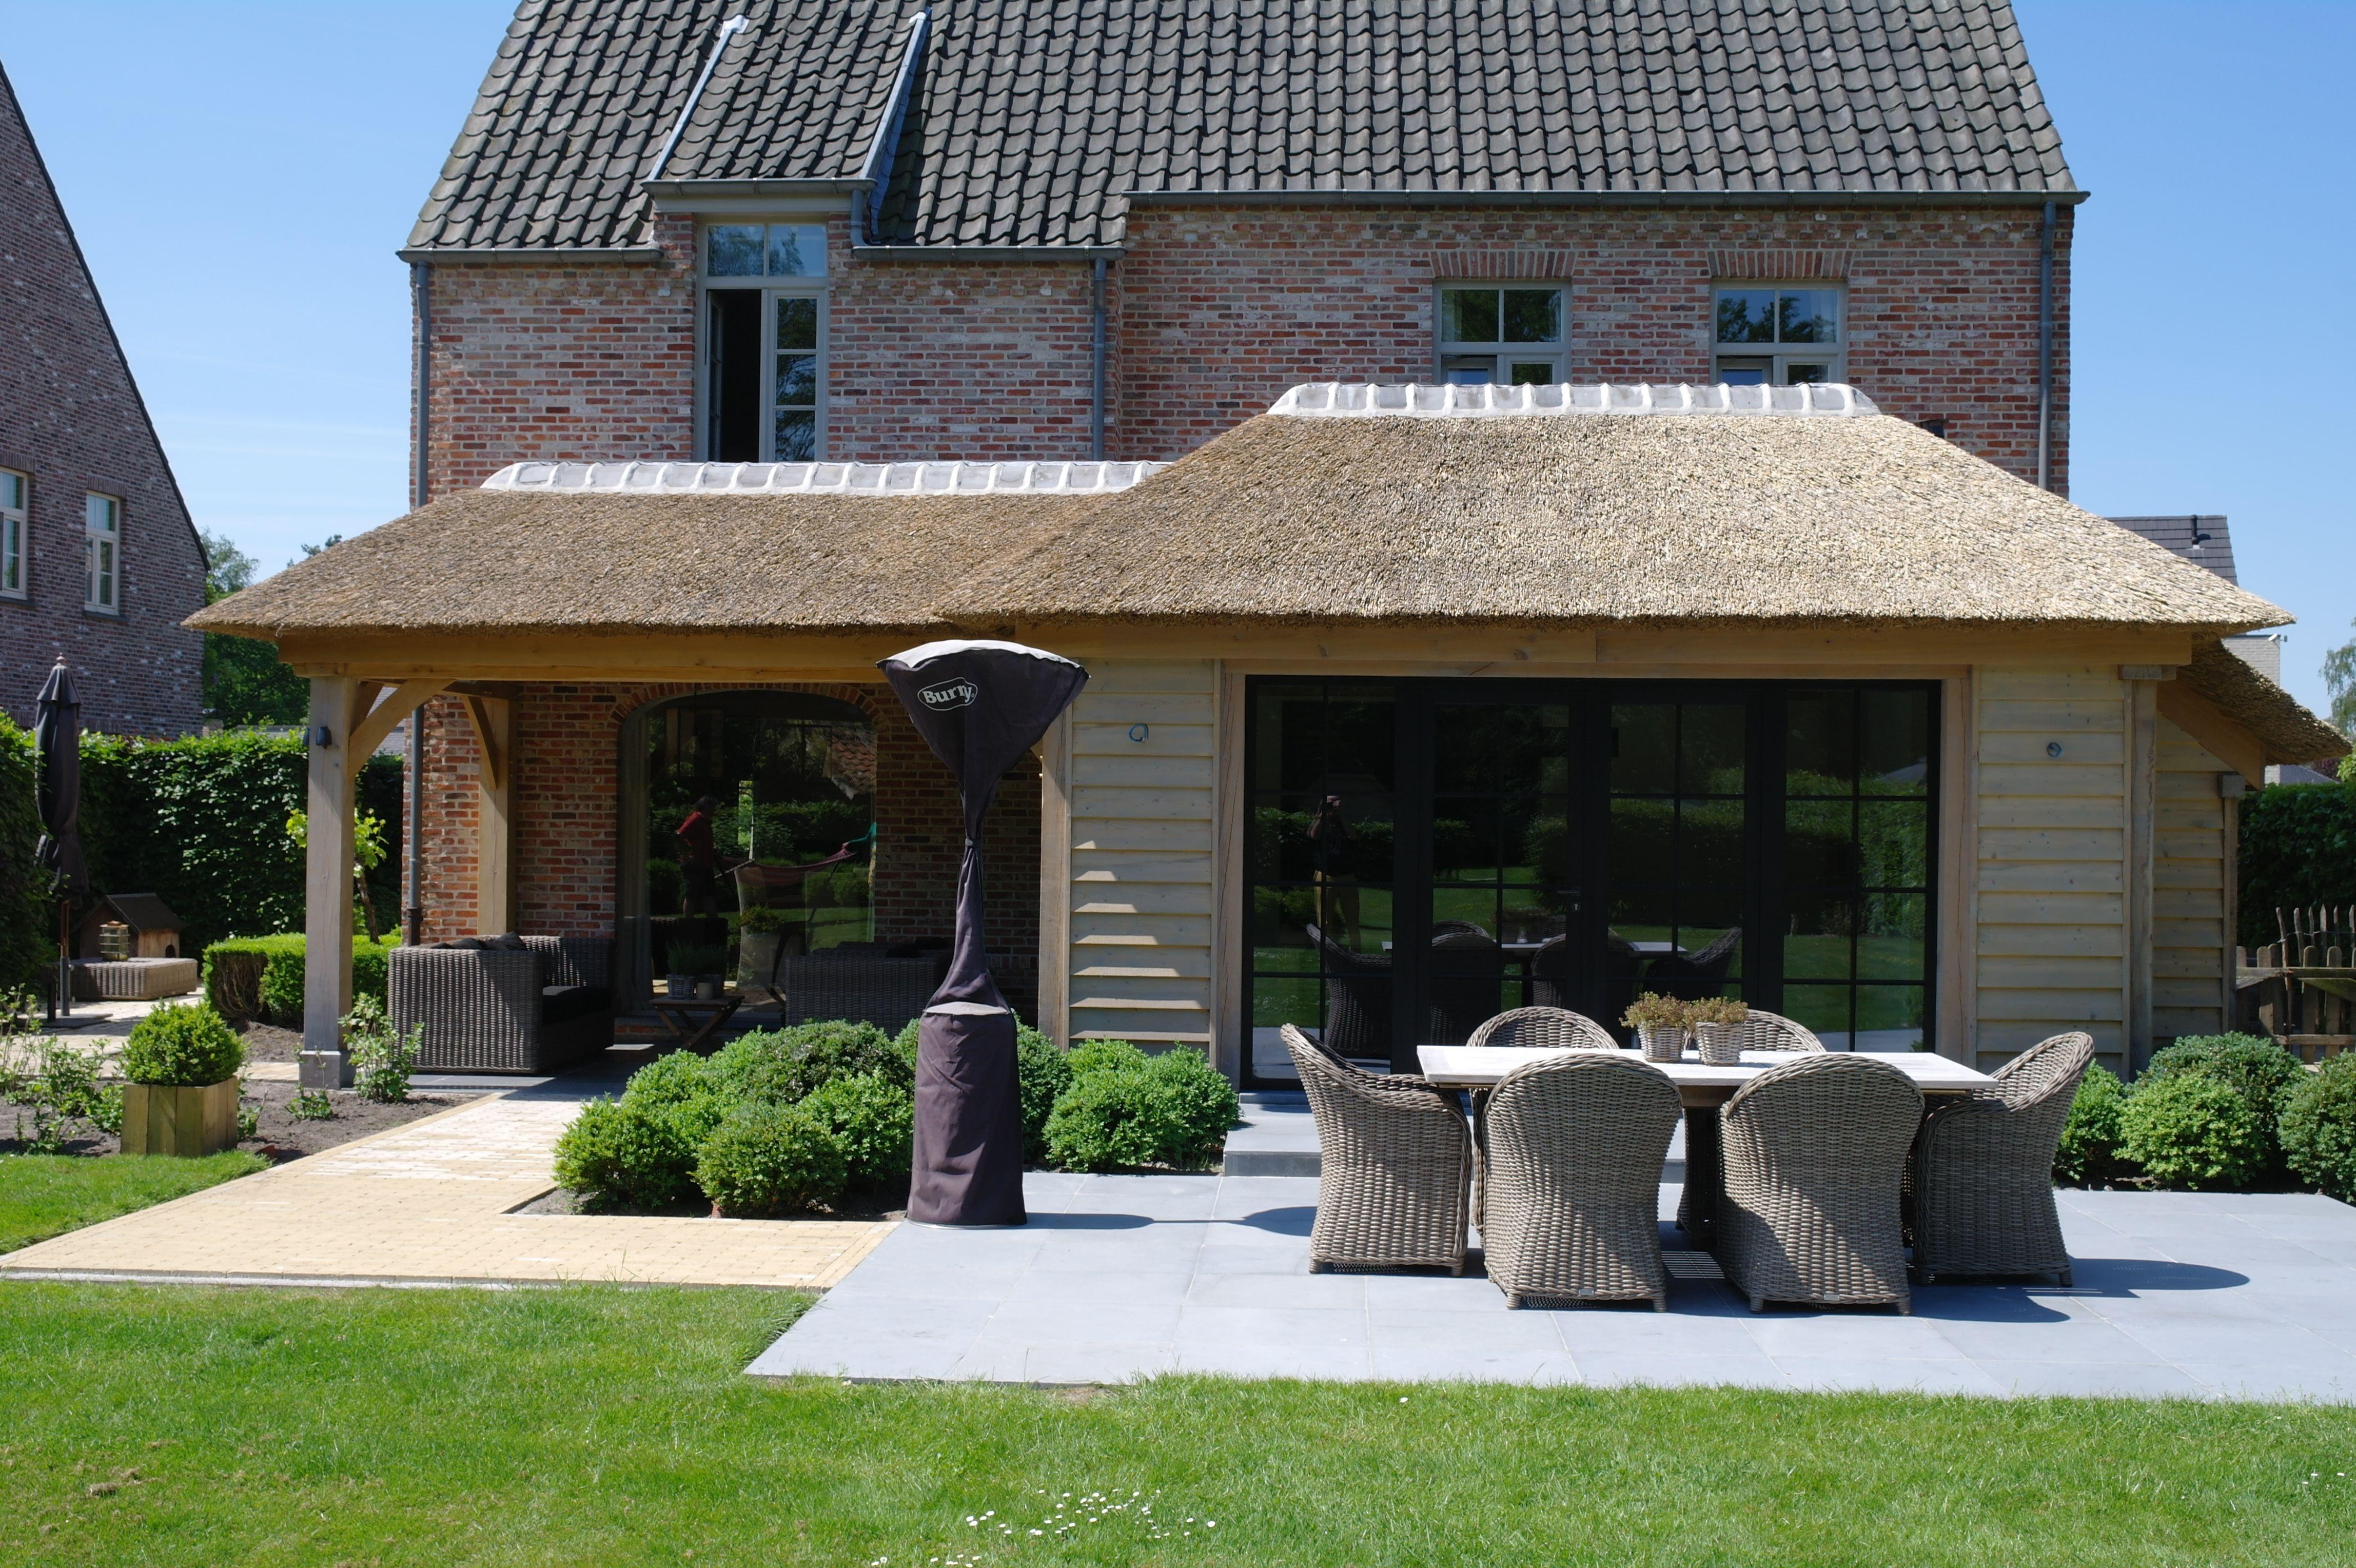 Eiken uitbreiding van de keuken met overdekt terras dak is deels in riet en deels plat - Uitbreiding keuken veranda ...